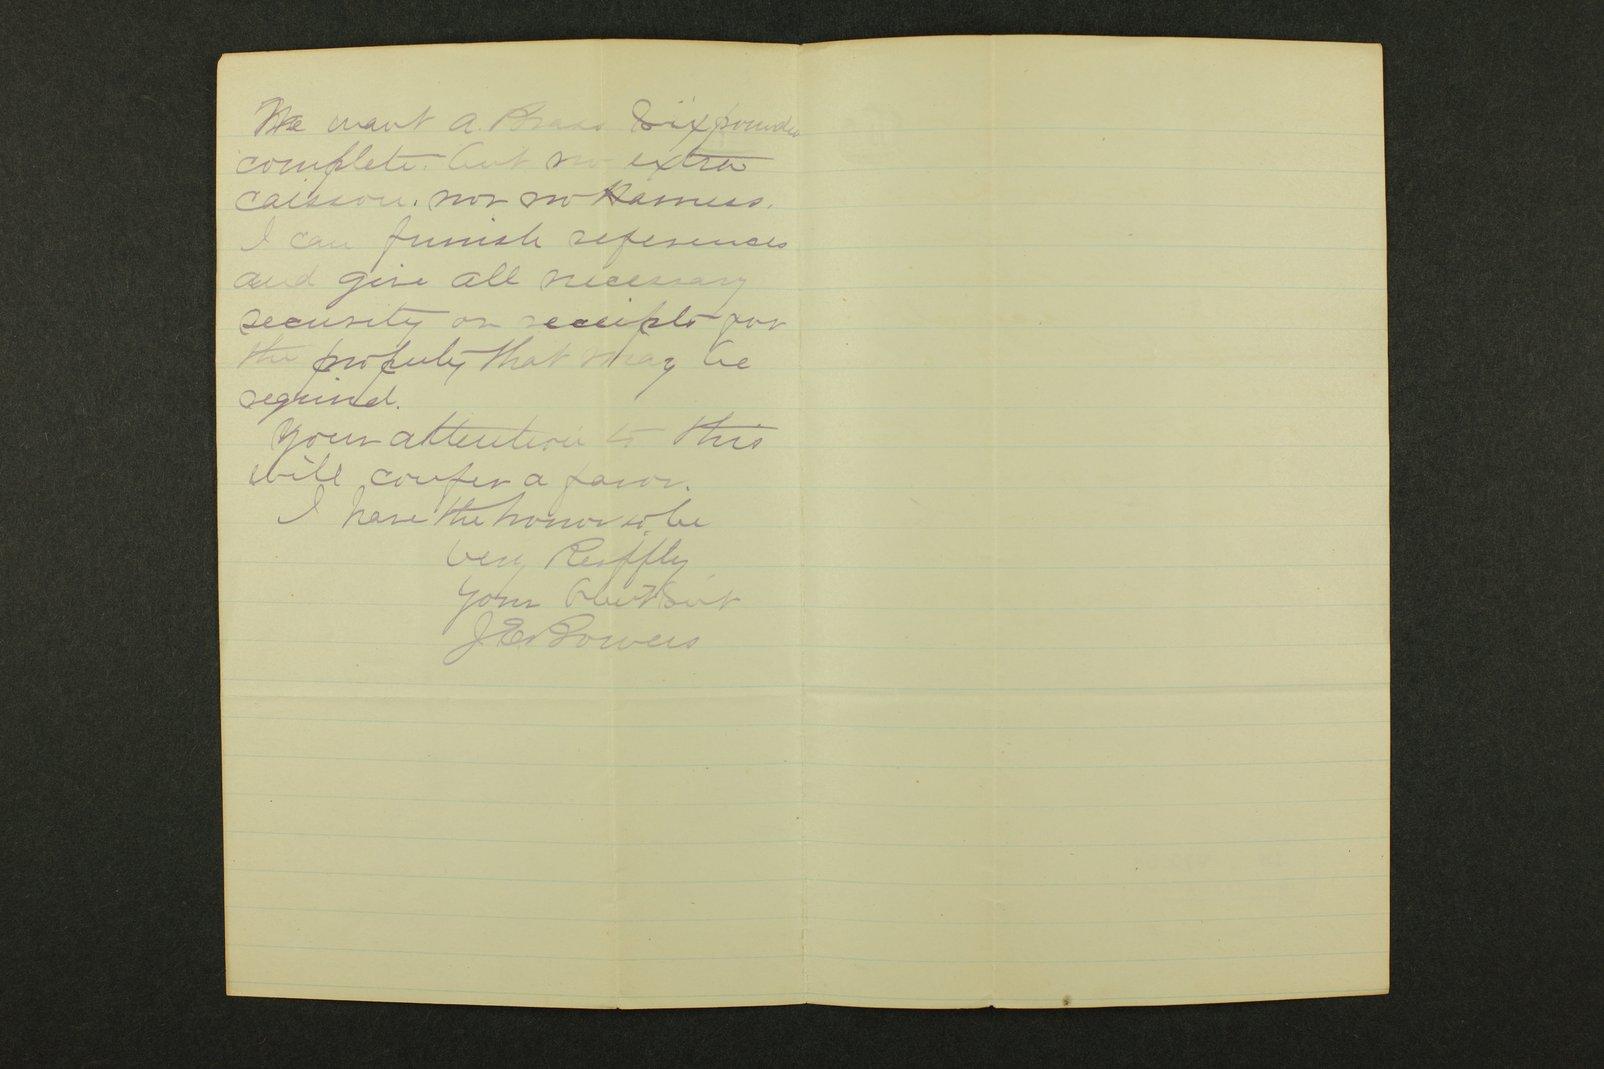 Kansas Adjutant General general correspondence, 1871 - 7